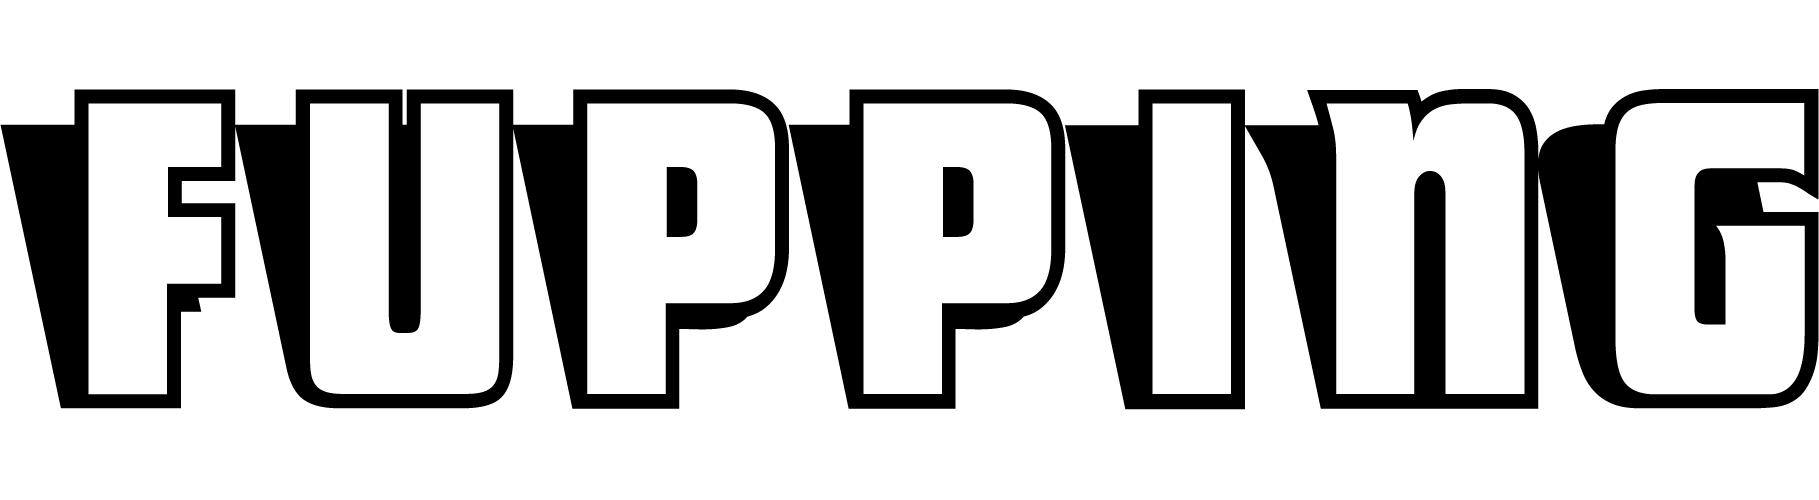 fupping.com Logo